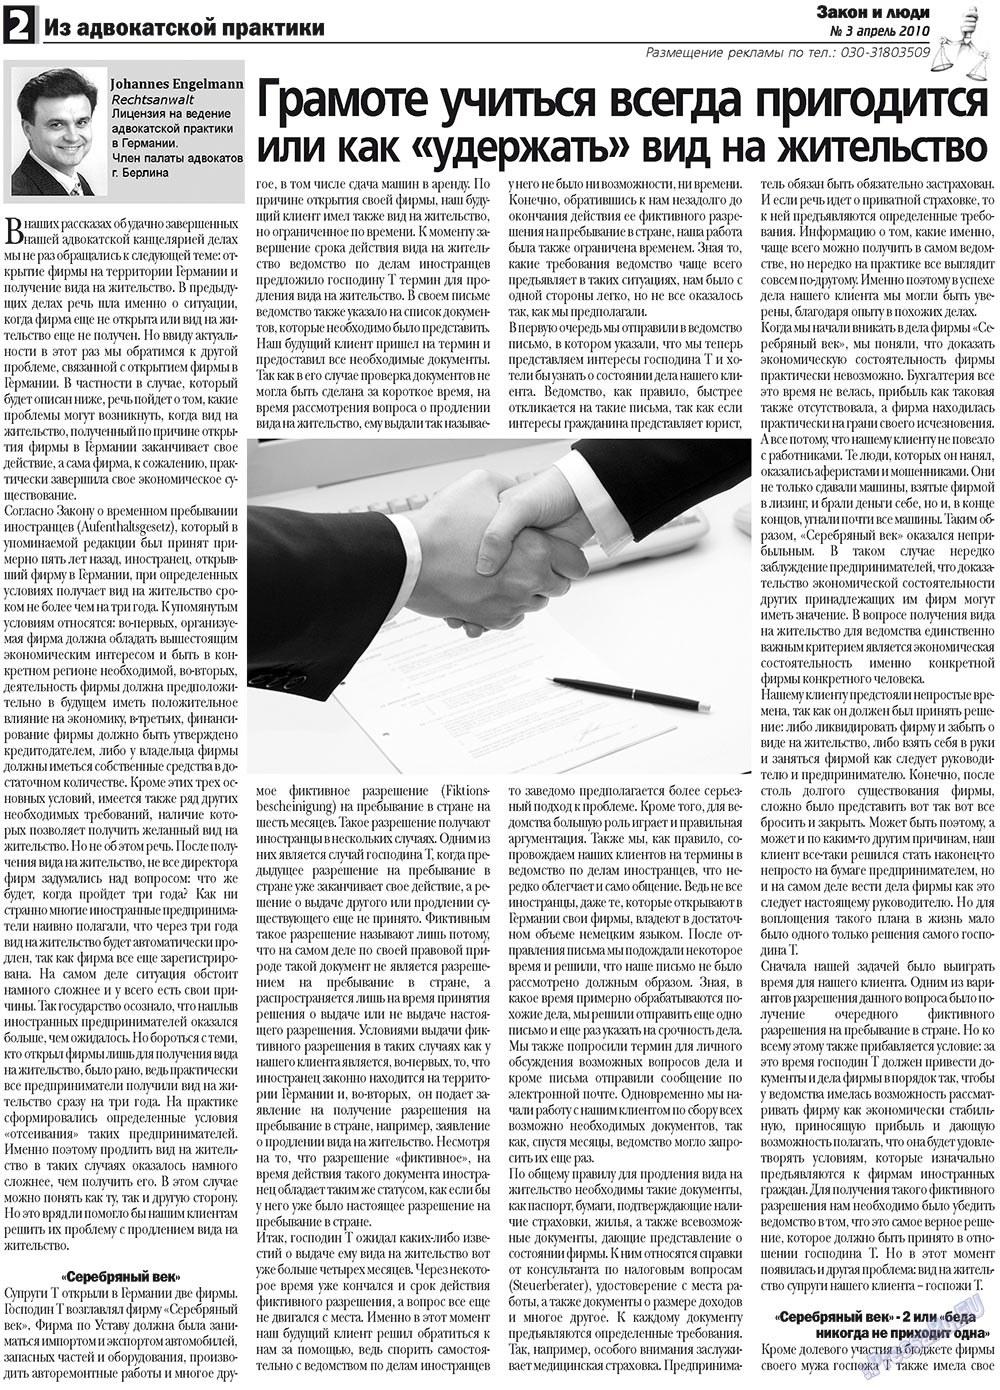 Закон и люди (газета). 2010 год, номер 3, стр. 2